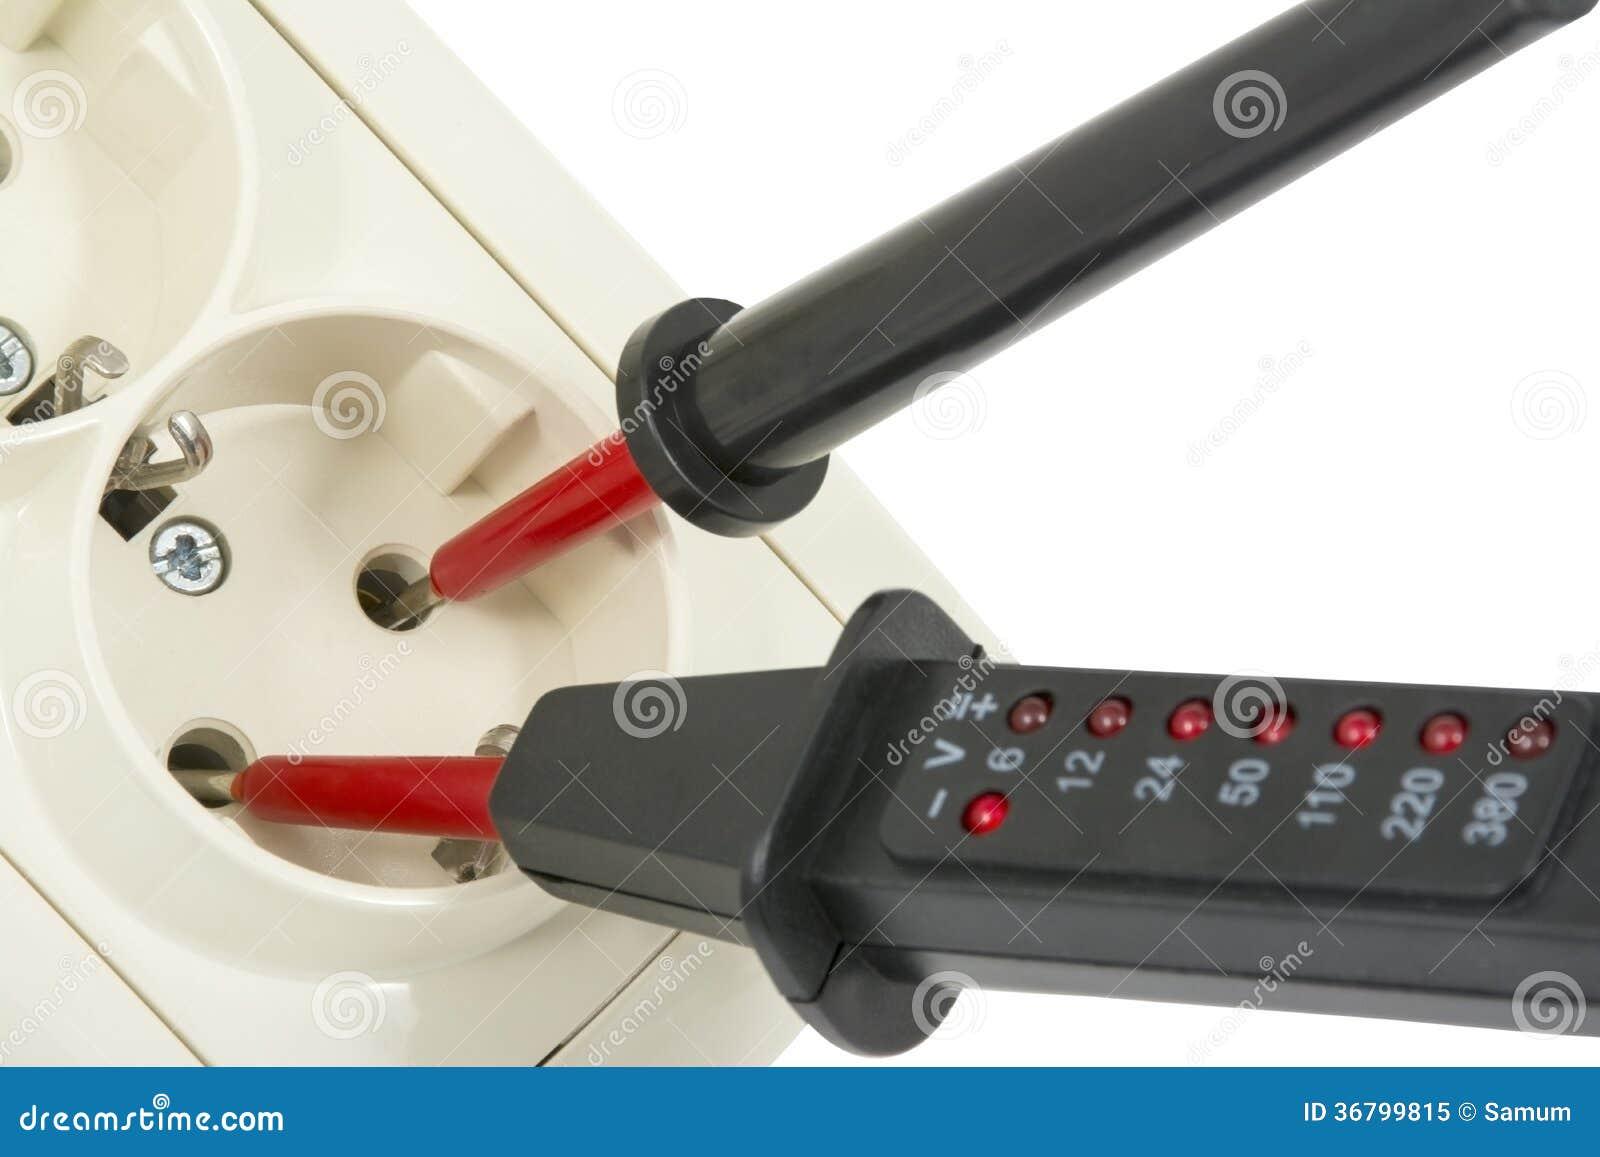 Voltagemeetapparaat